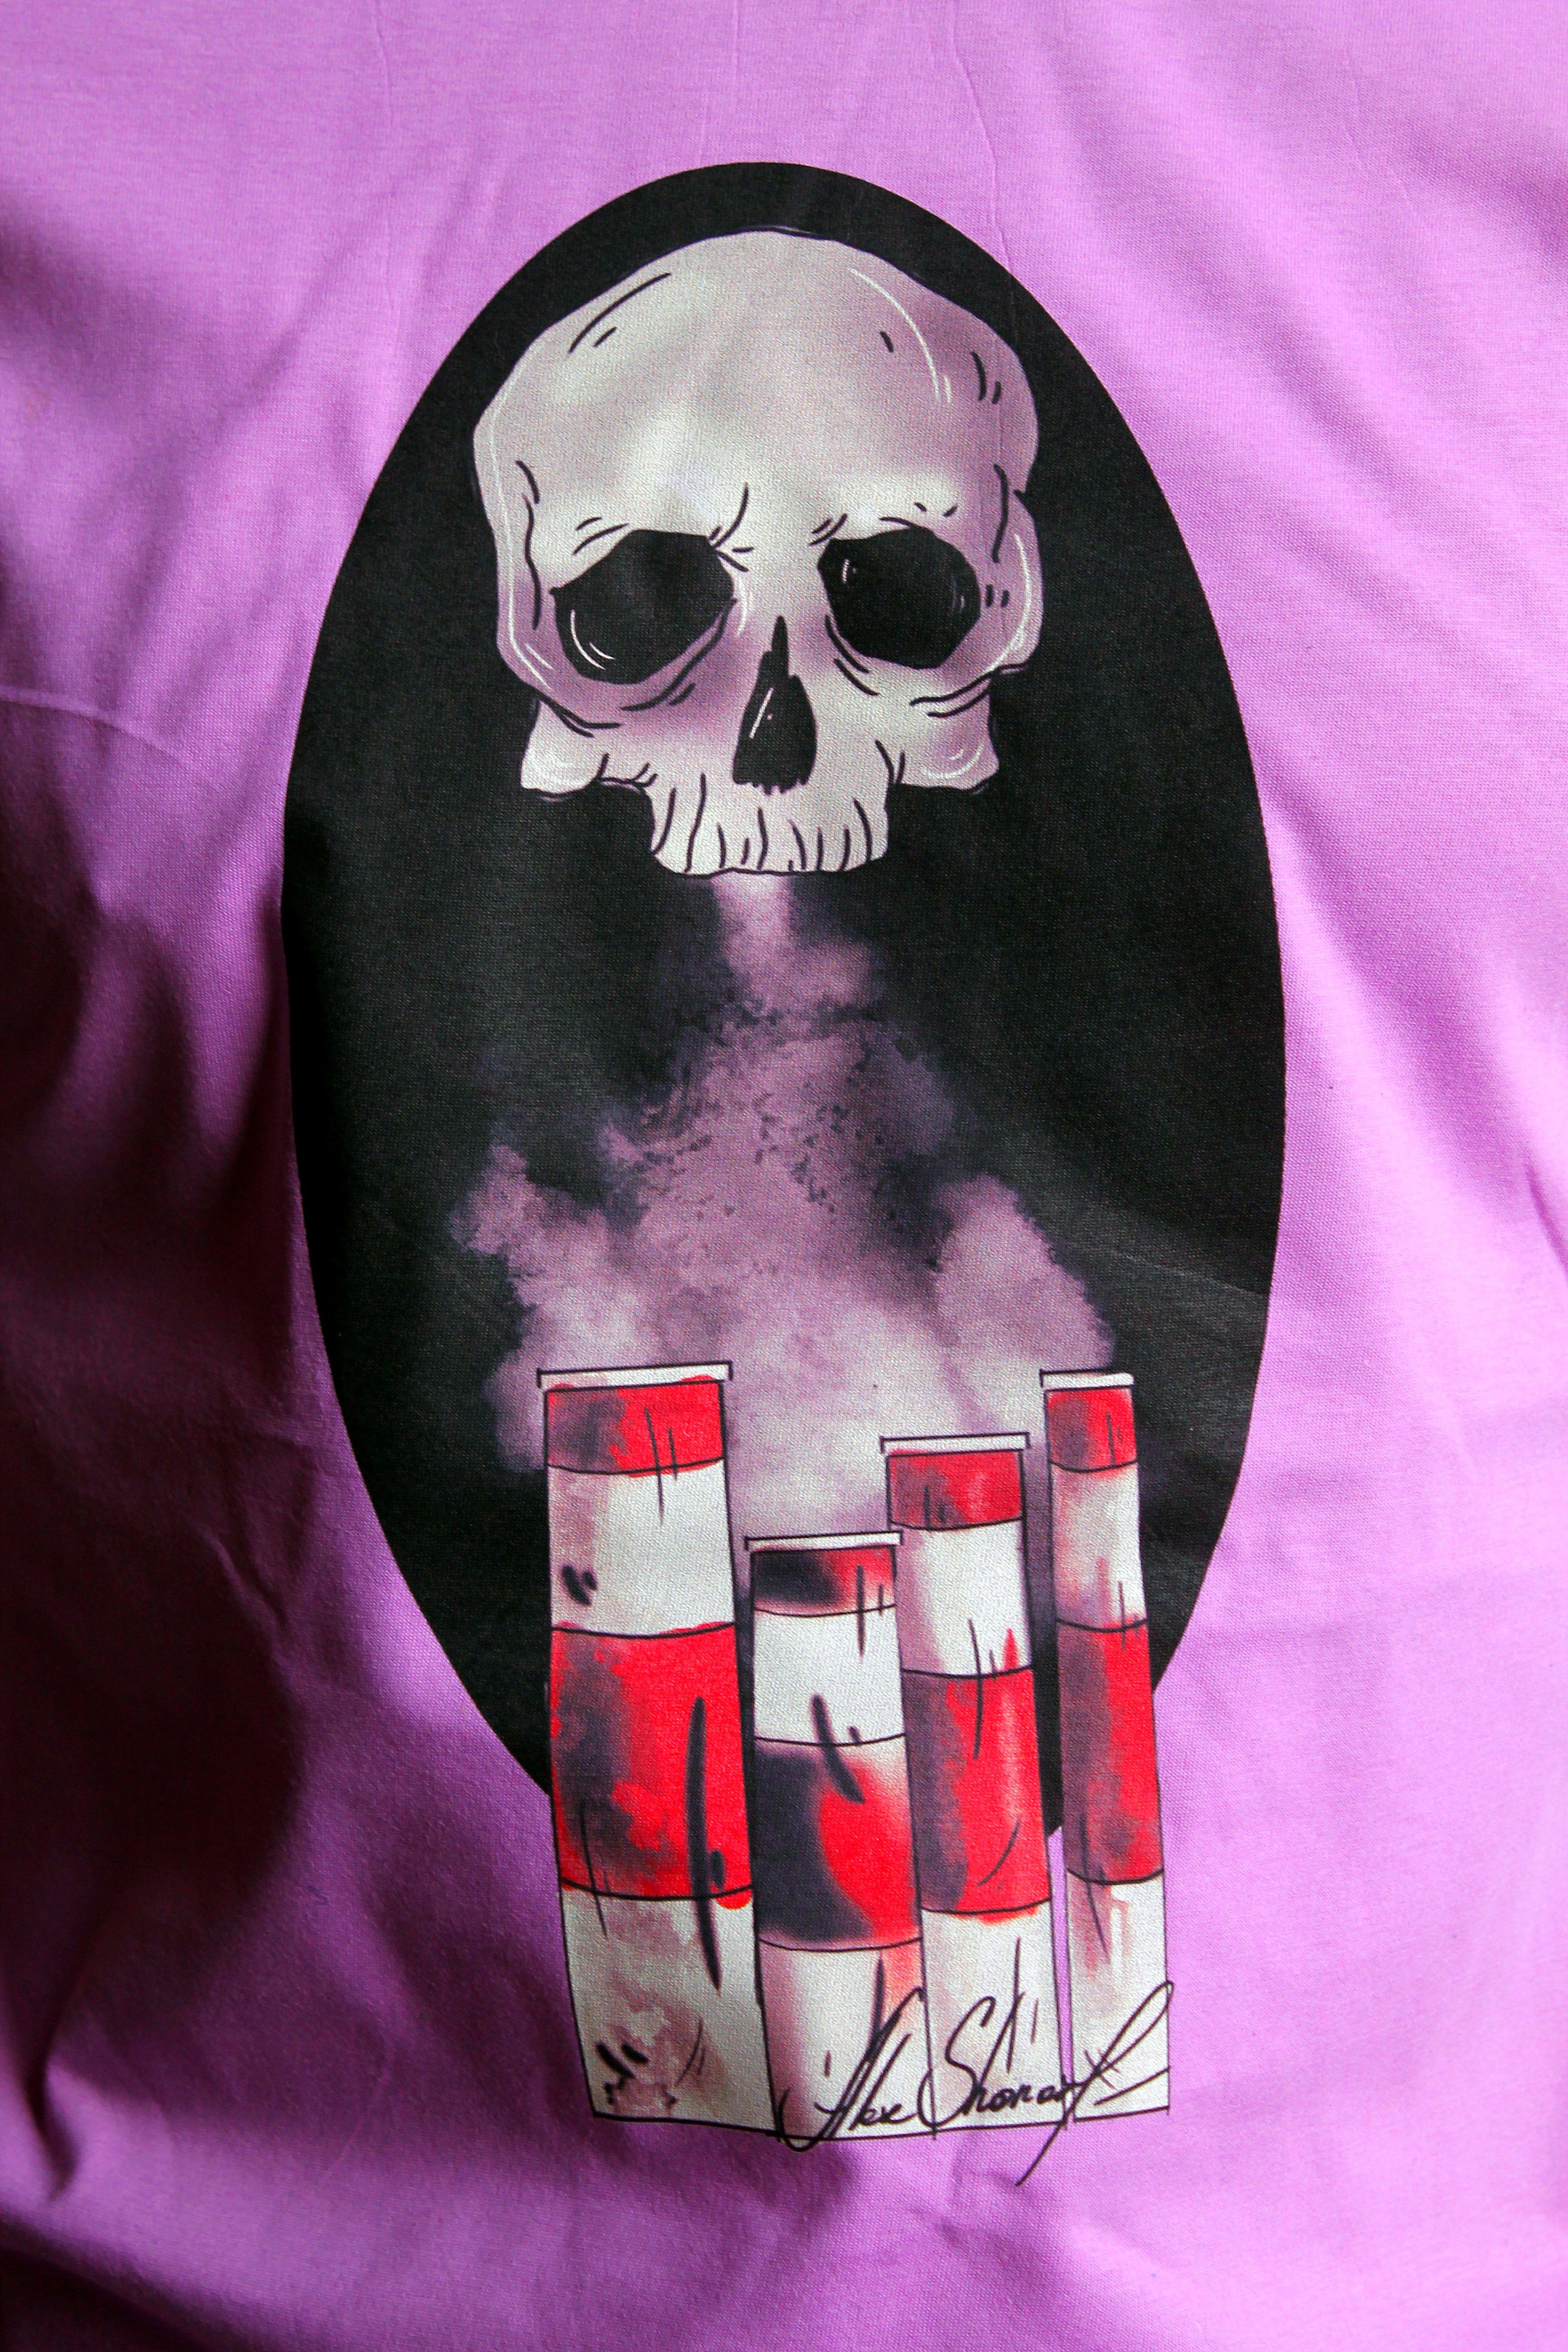 футболкамечты текстиле черепа подарок лиsьянора футболка трубы мужу санктпетербург печать парню